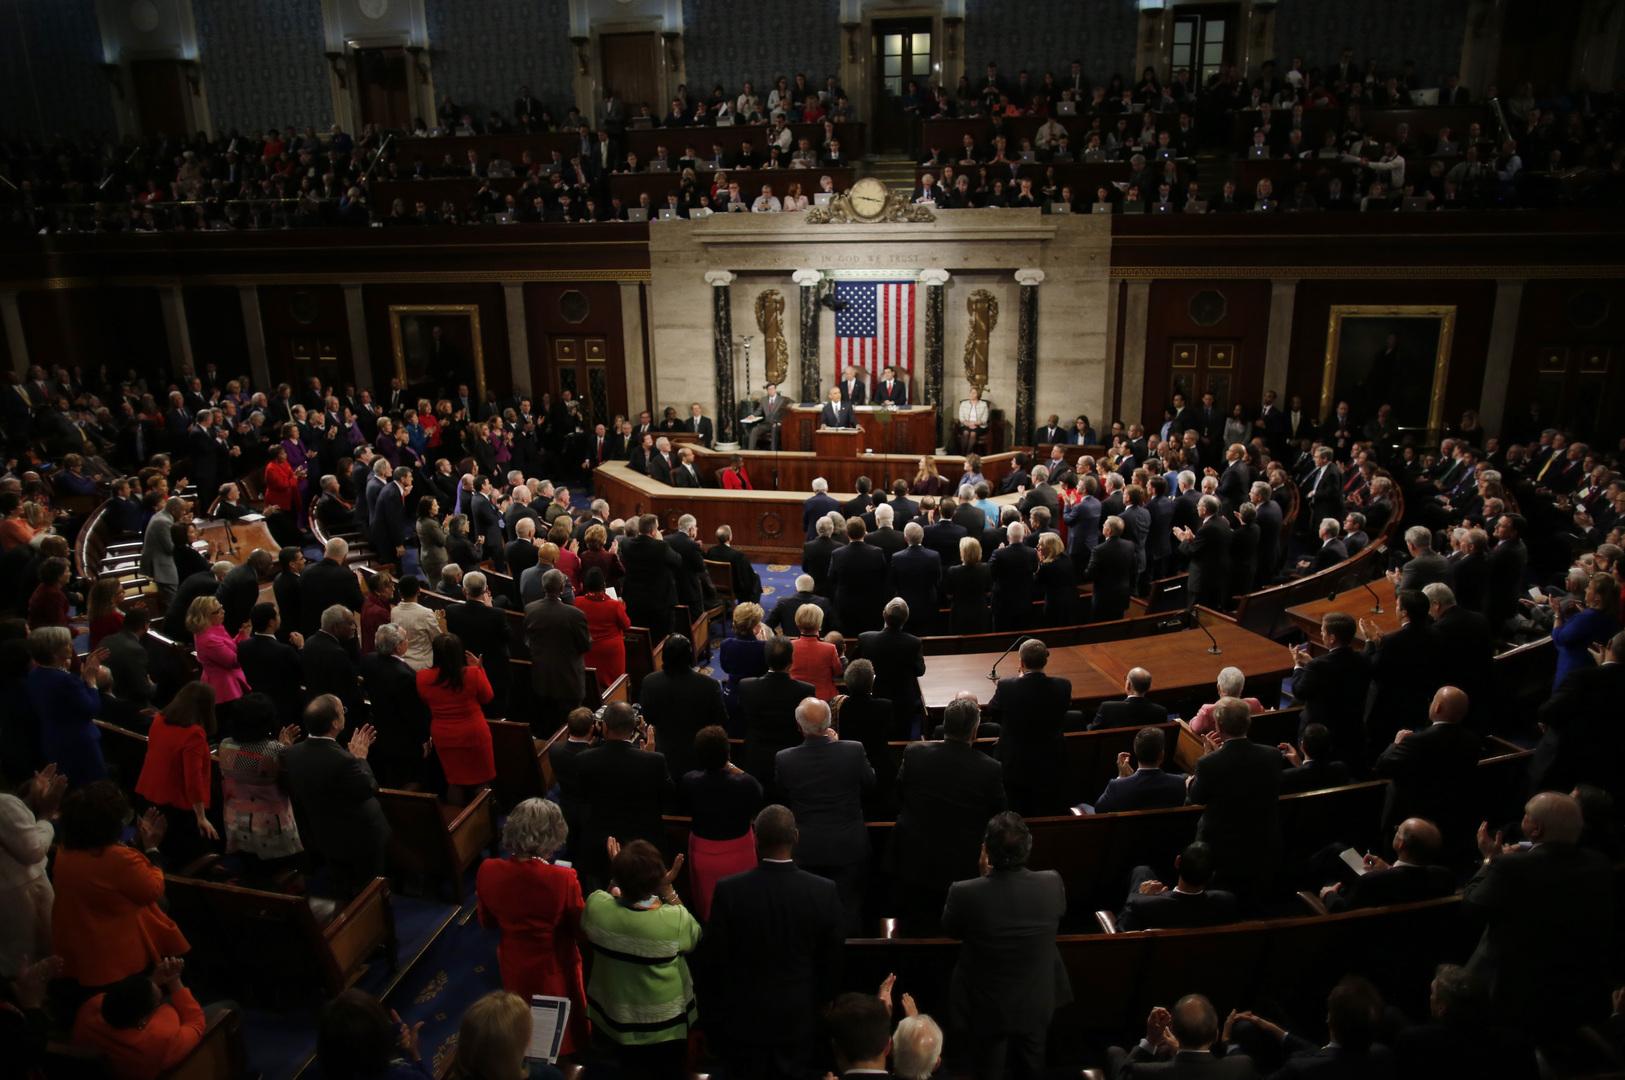 لجنة الميزانية بالبرلمان الأمريكي توافق على مشروع قانون بقيمة 1.9 تريليون دولار لمساعدات كورونا